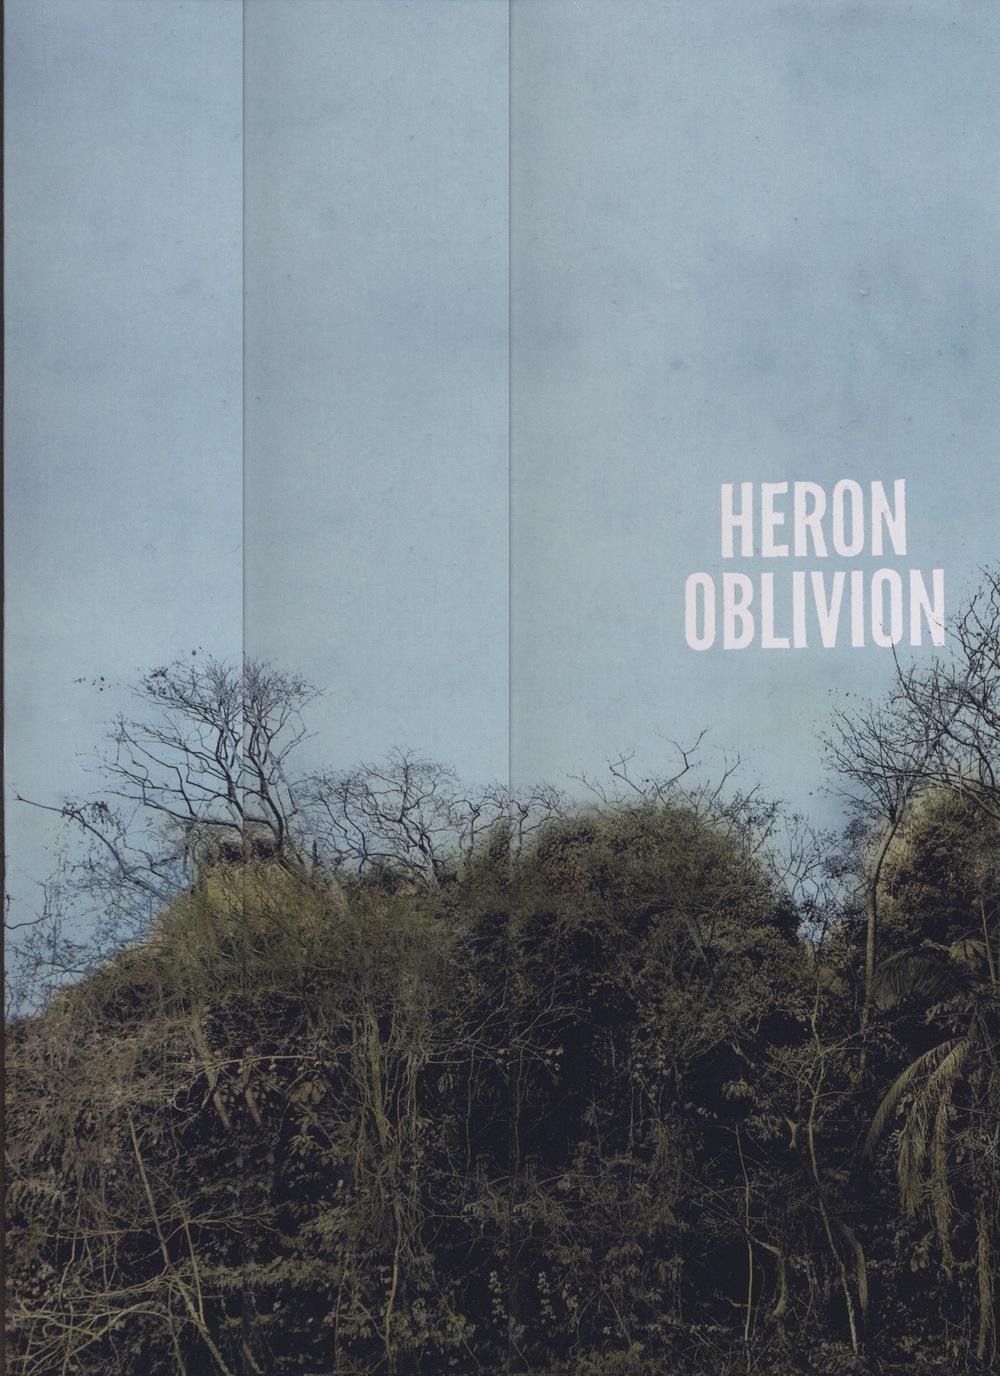 HeronOblivion_9001.jpg